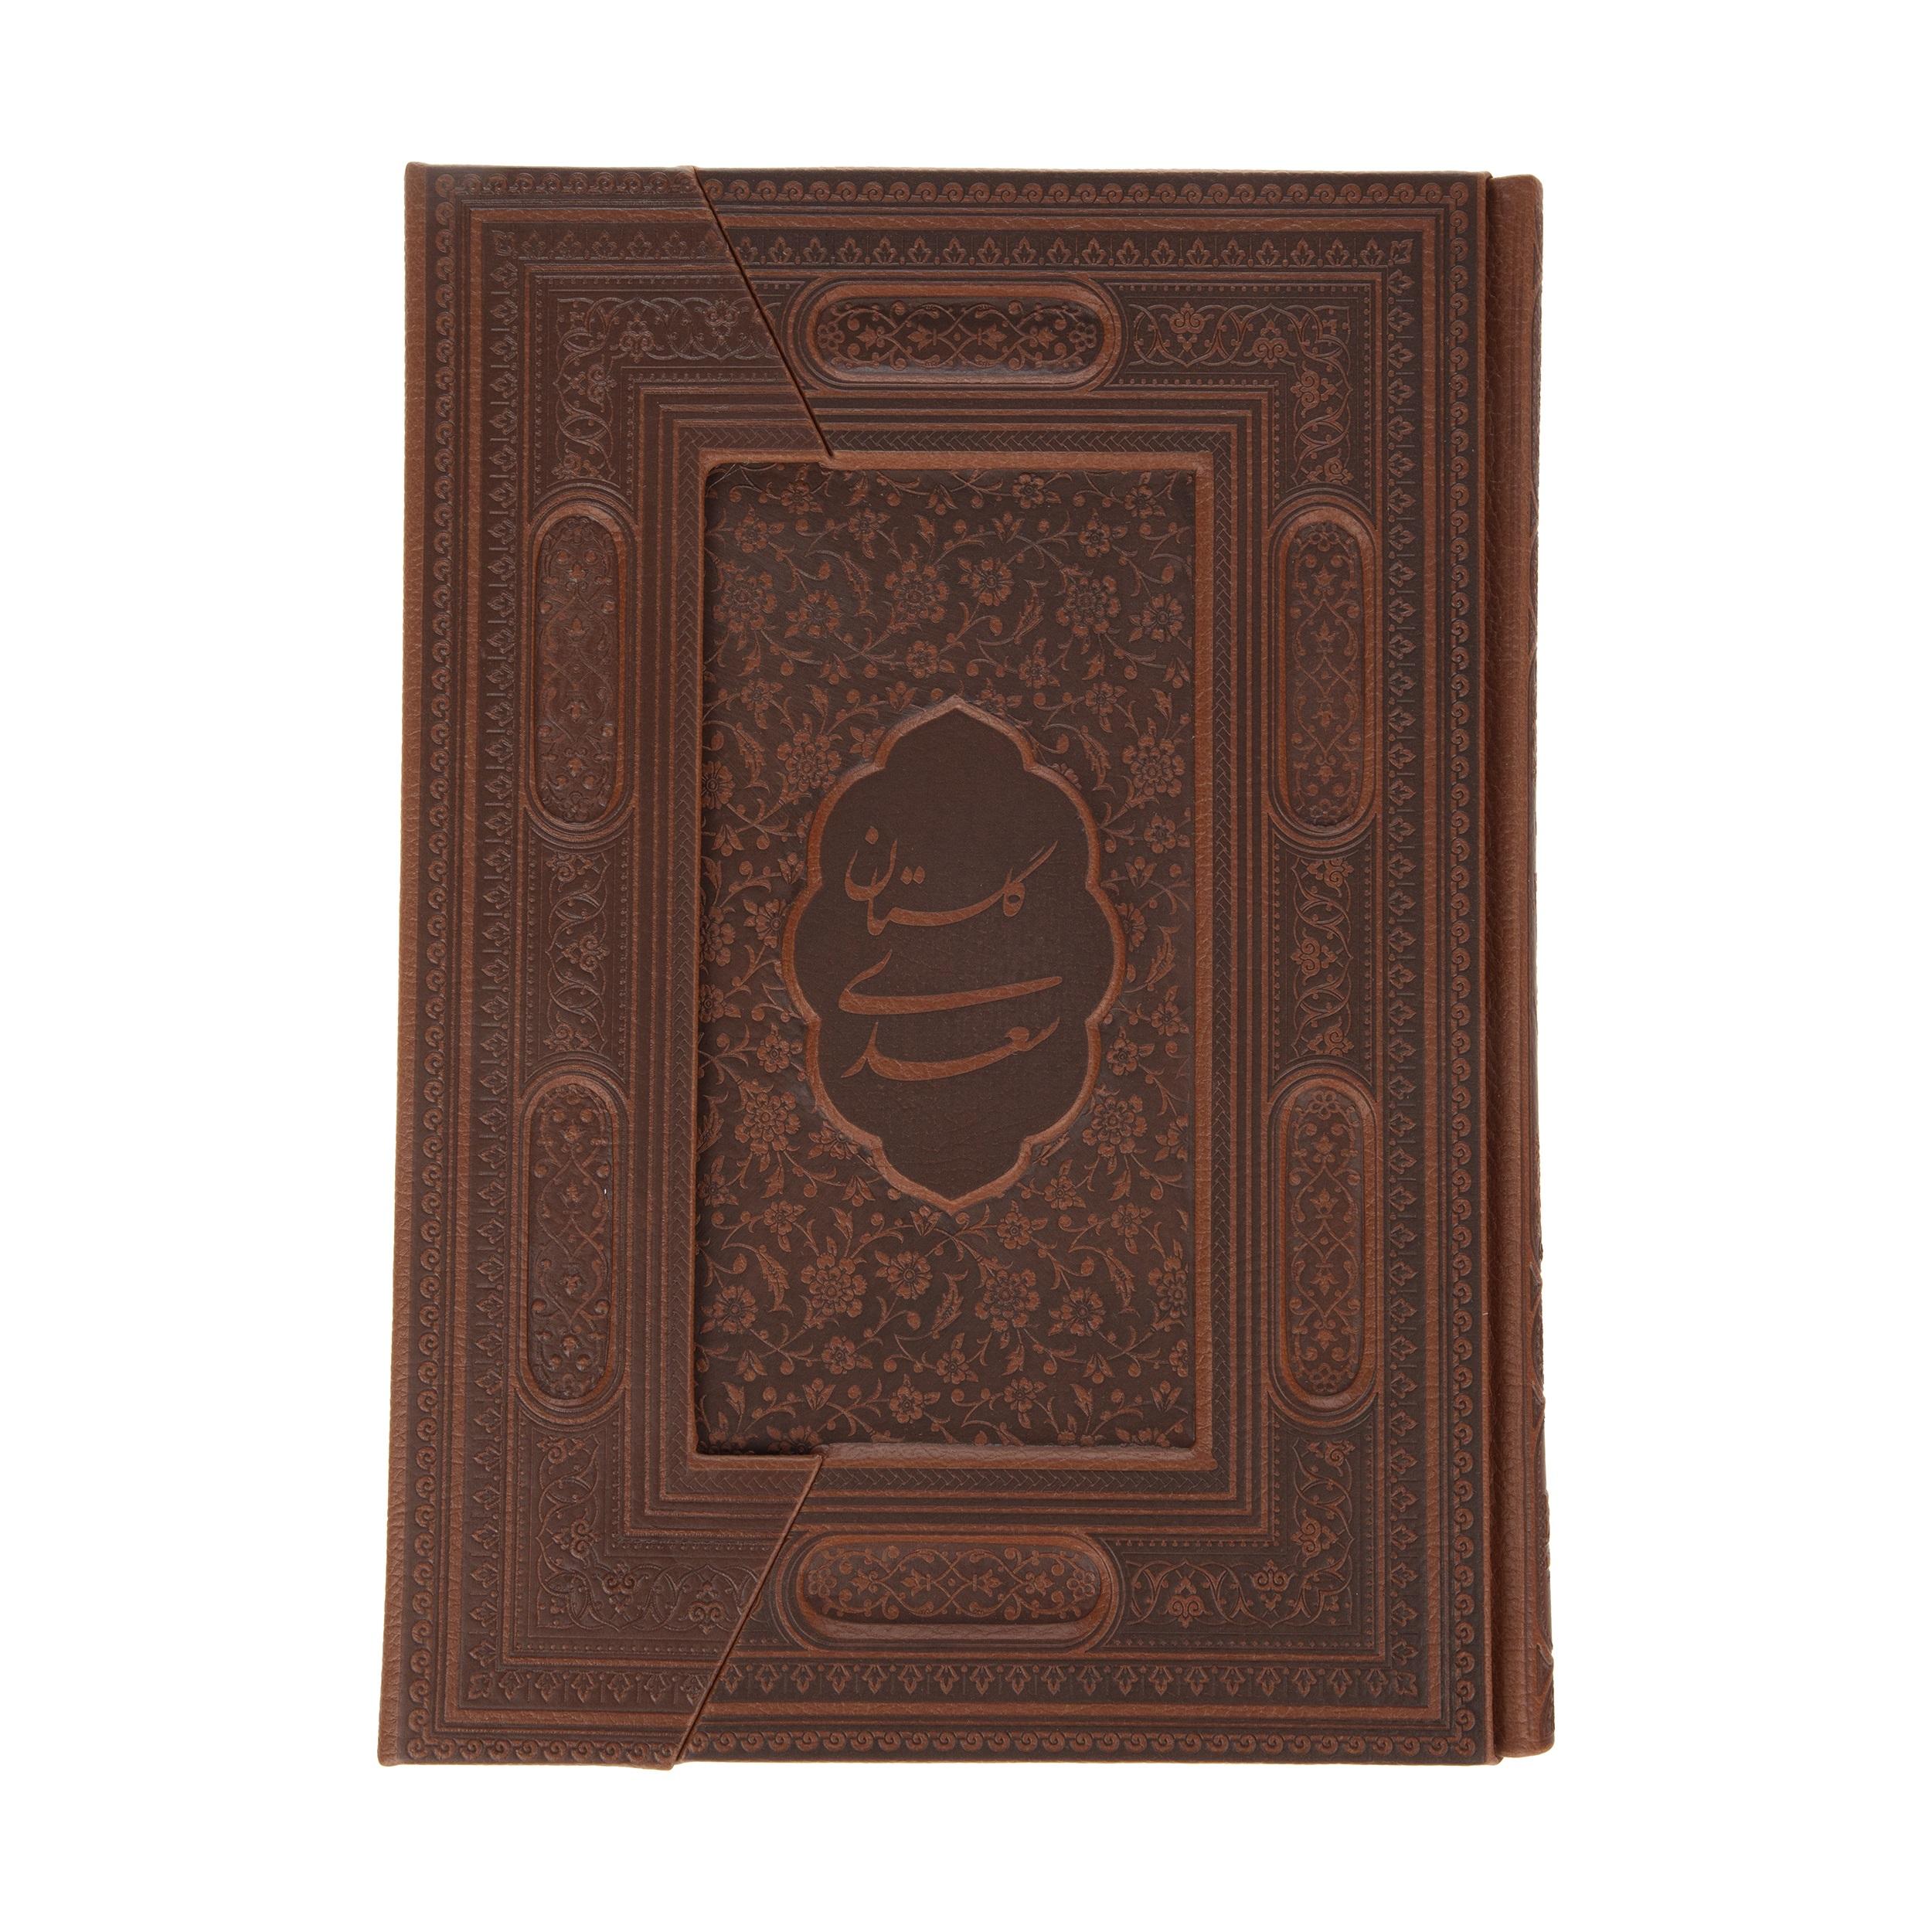 کتاب گلستان سعدی اثر سعدی شیرازی نشر یاقوت کویر